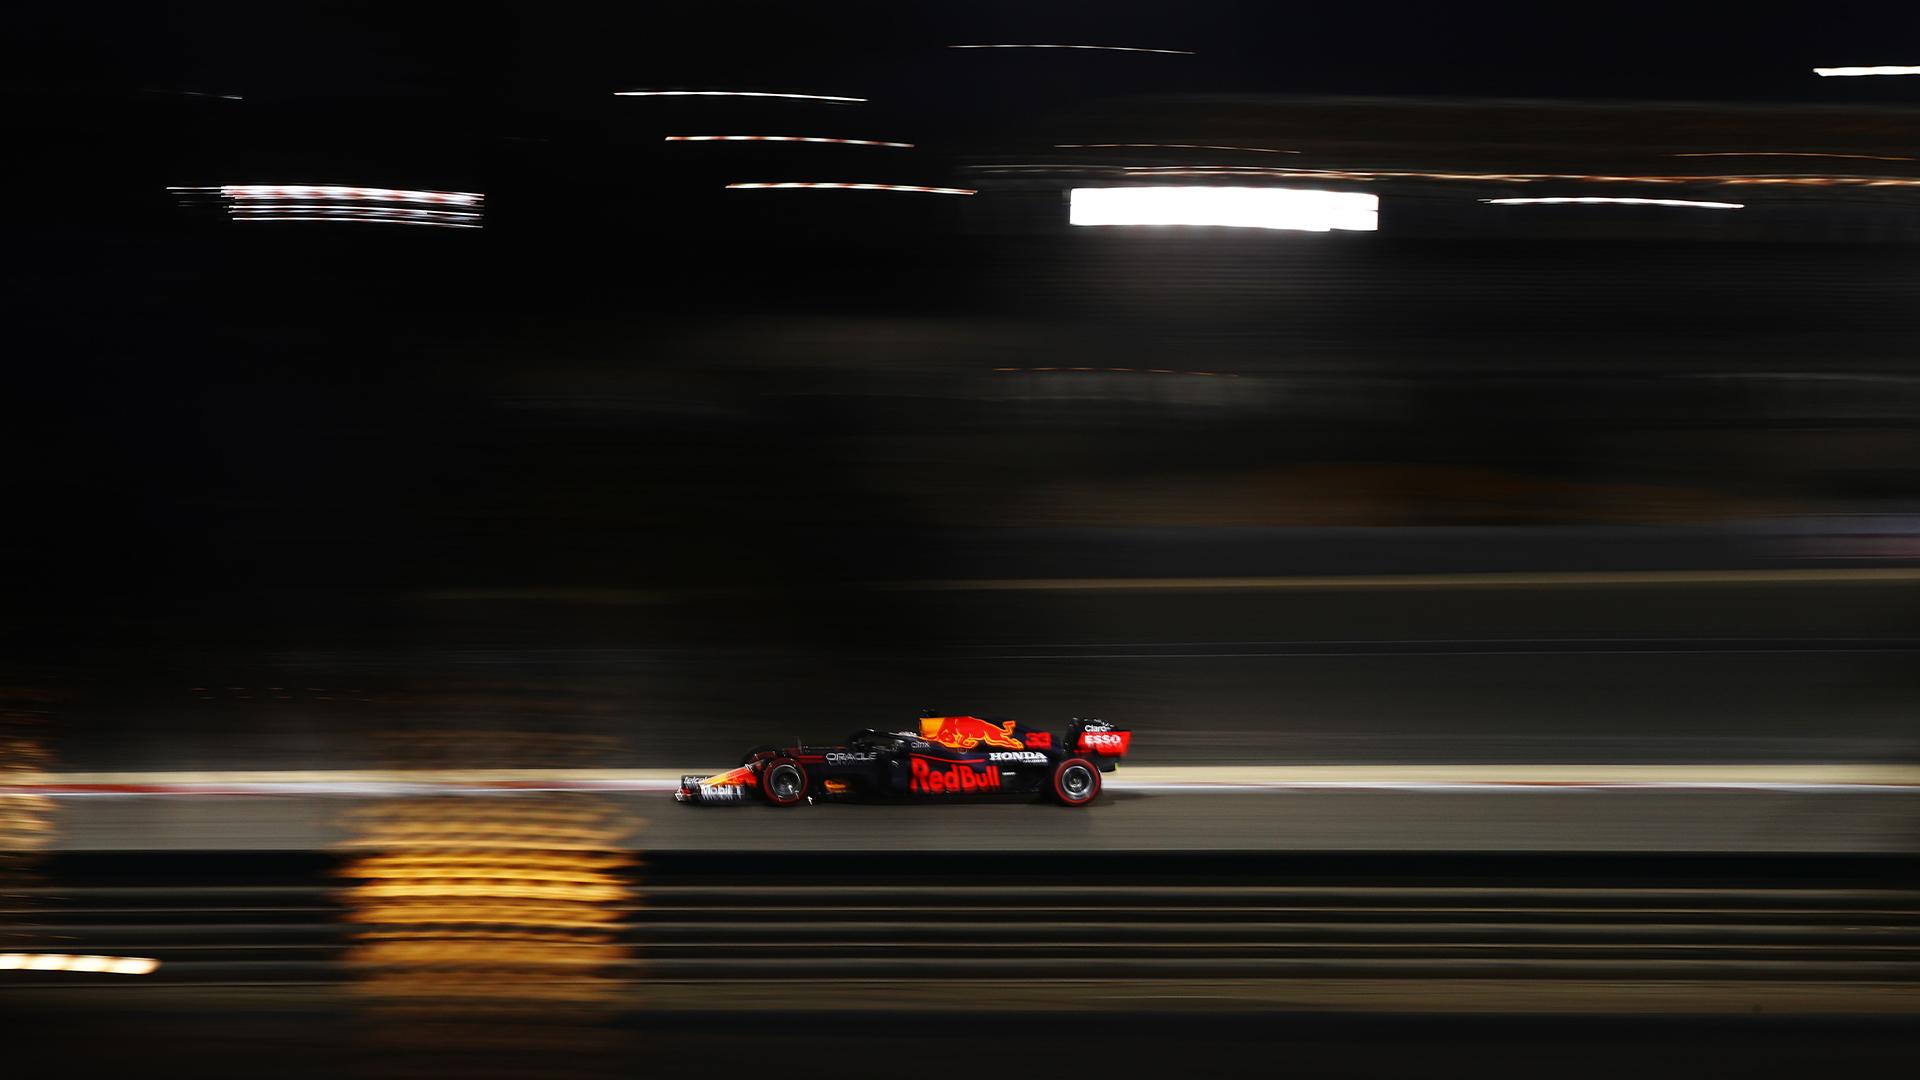 Макс Верстаппен выиграл поул перед Гран-при Бахрейна 2021 года, Мазепин – последний